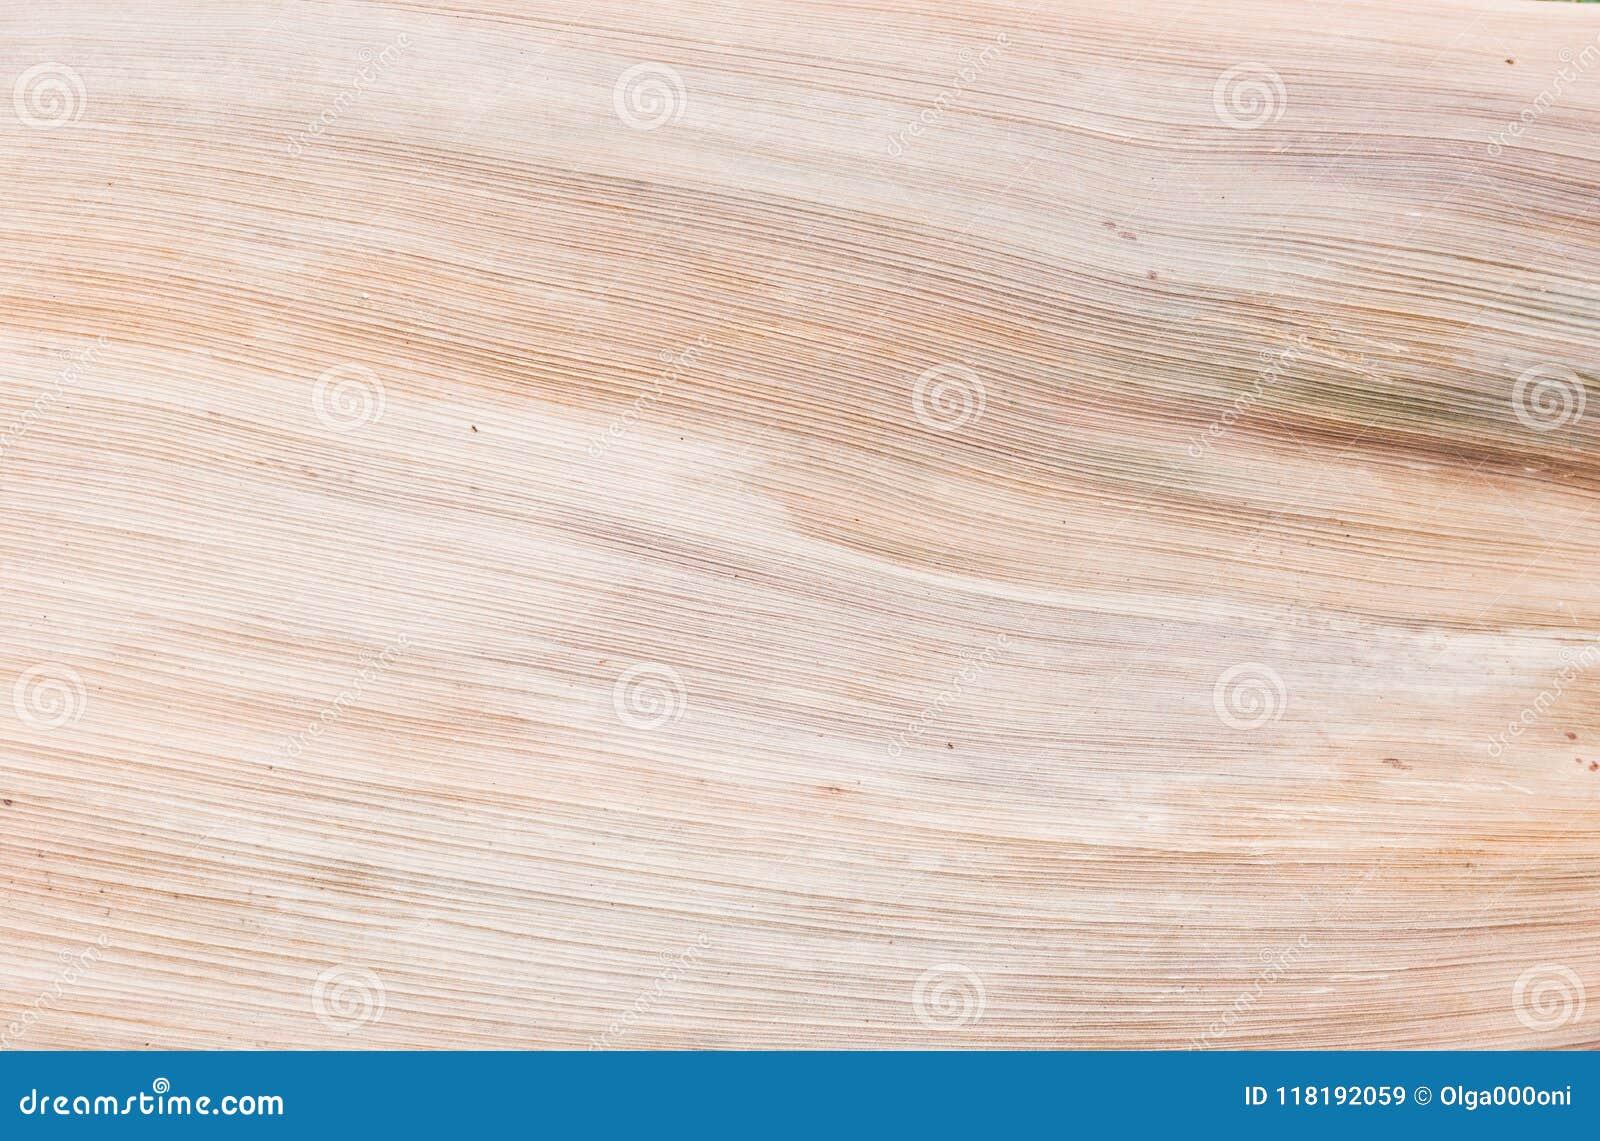 Droog natuurlijk palmblad, organische textuur